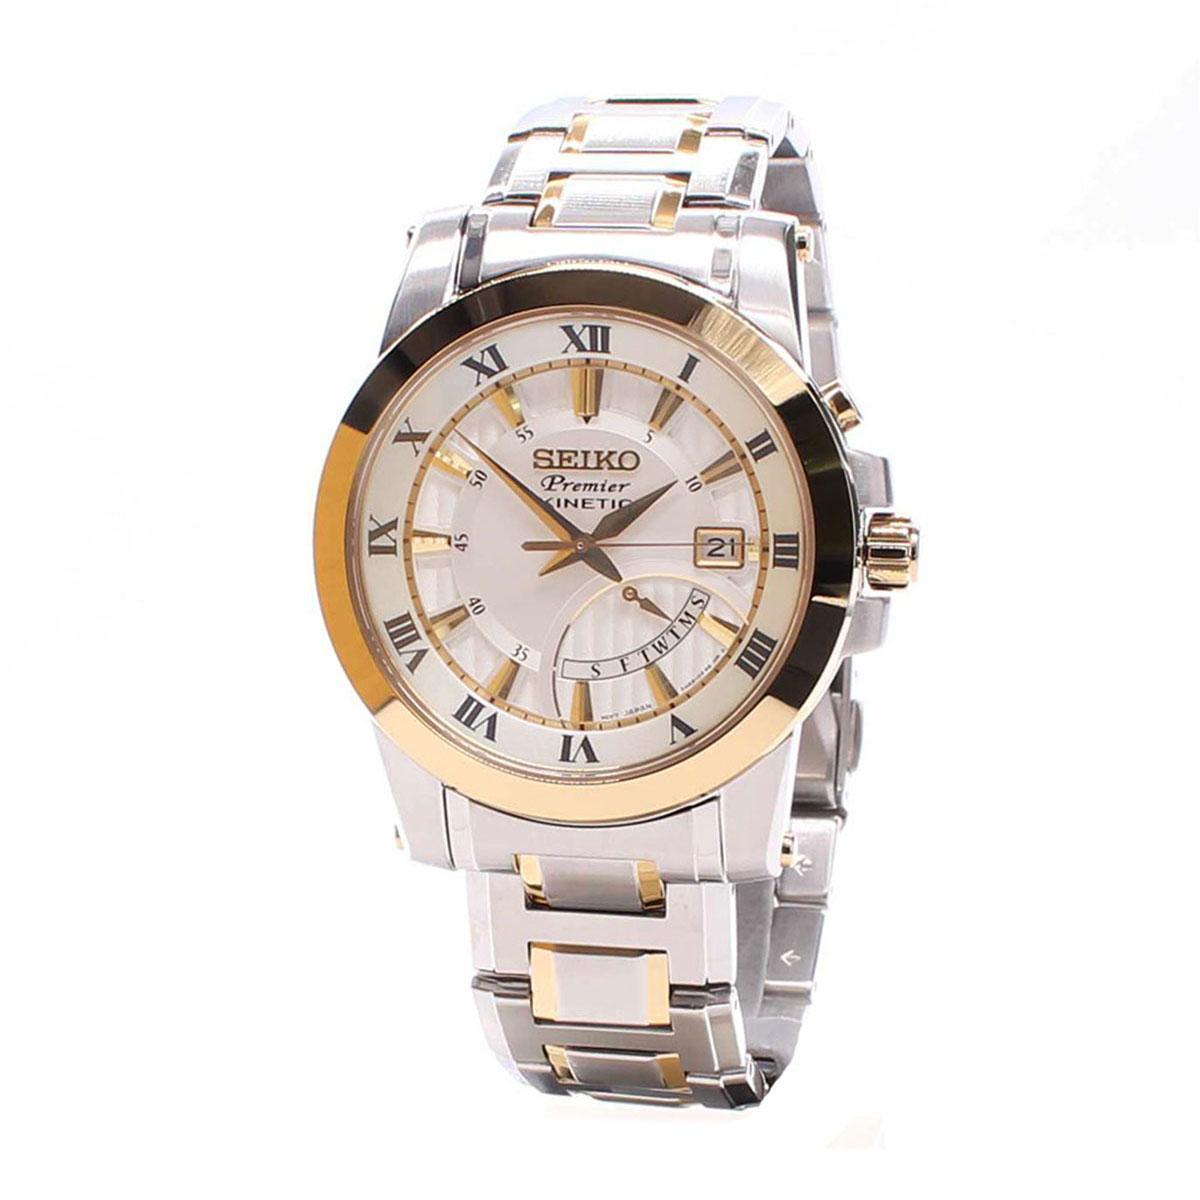 สอนใช้งาน  นครพนม Seiko Premier Kinetic Silver Stainless-Steel Case Stainless-Steel Bracelet Mens SRN040P1